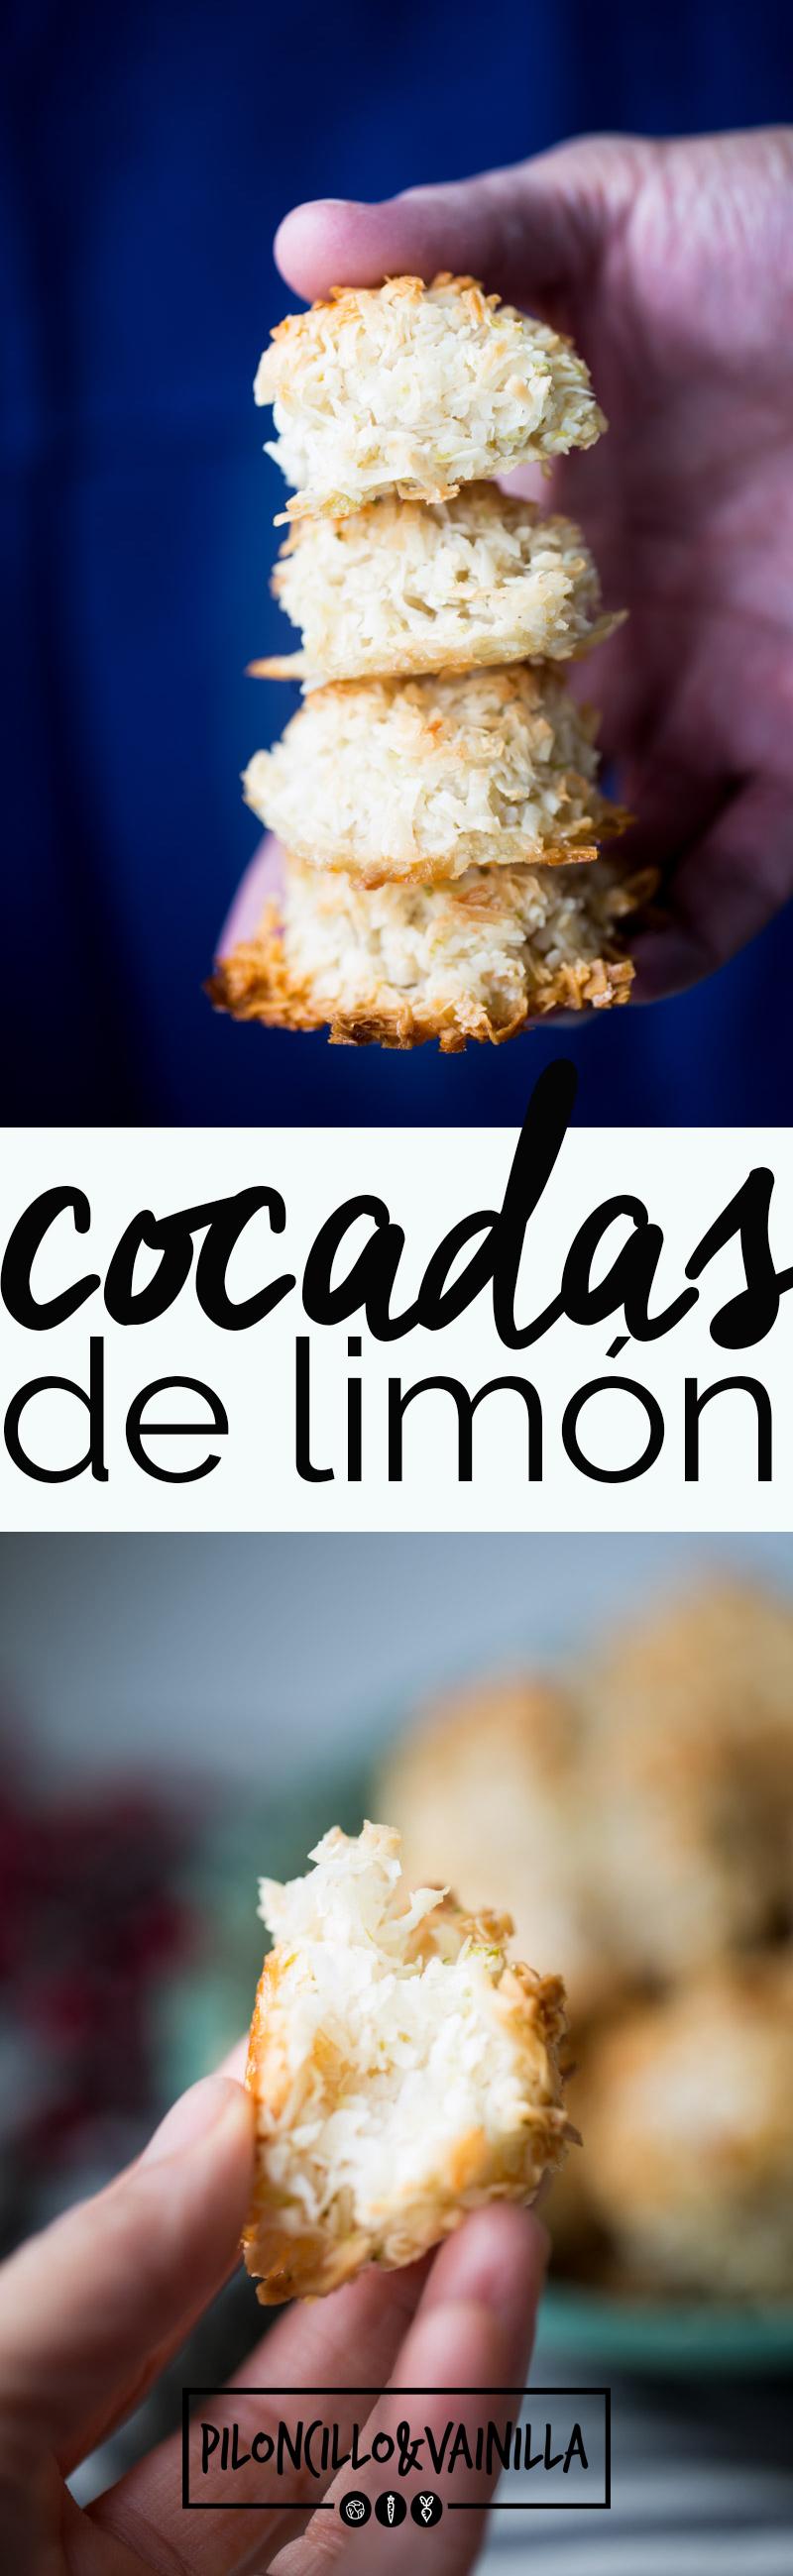 Esta receta de cocadas de limón o macaroon es lo mejor que puede haber, son galletas de coco veganas hechas con aquafaba, son fáciles, deliciosas y hasta adictivas. Esta receta en español es fácil y deliciosa. #vegan#vegana